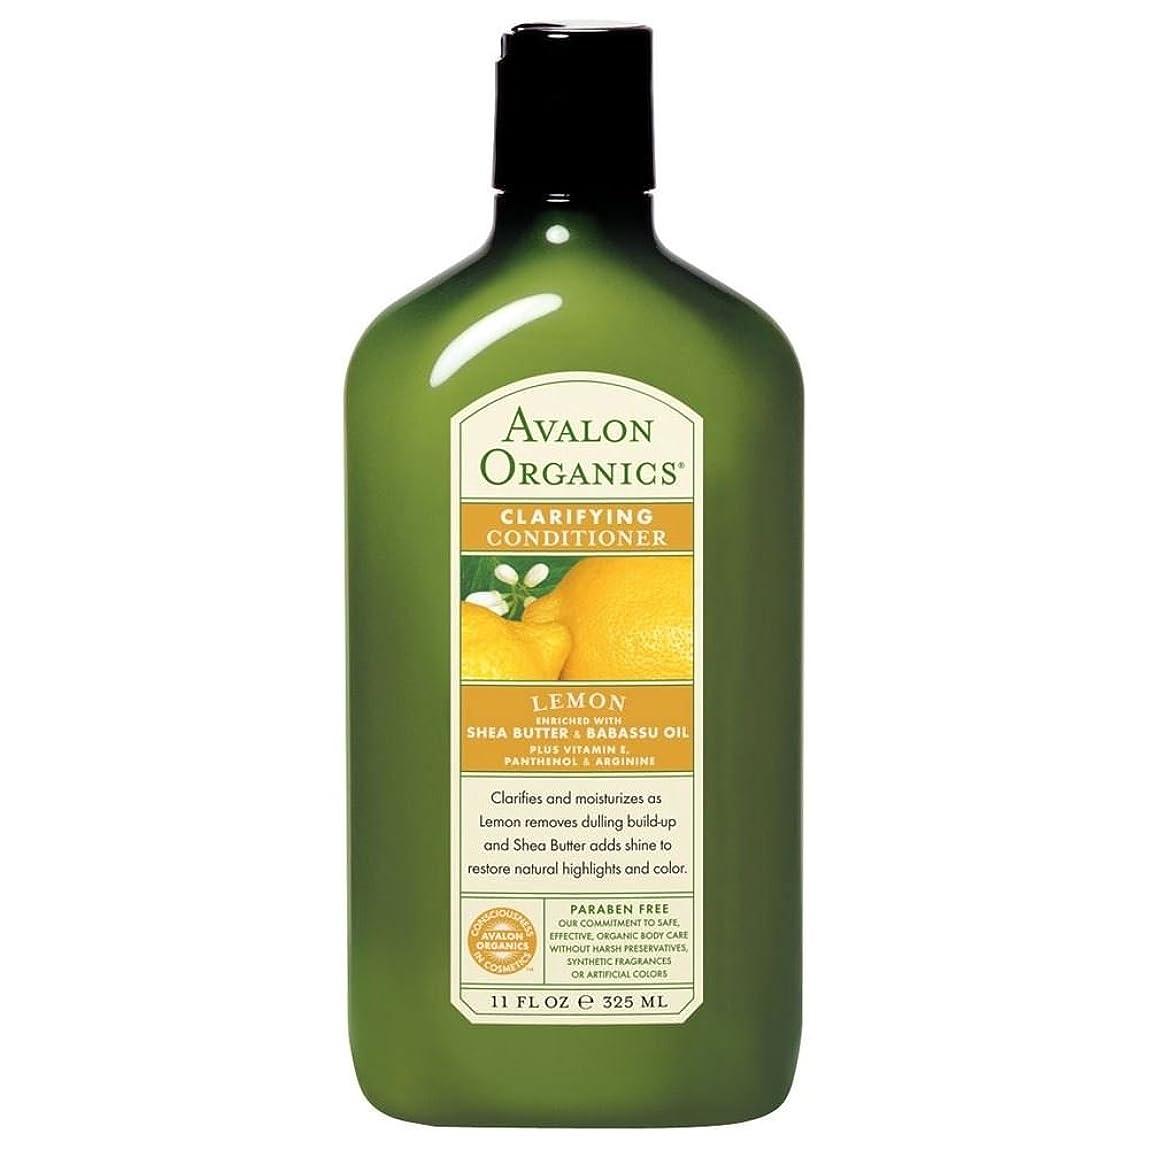 病気第五フレキシブル[Avalon ] コンディショナーを明確にアバロンの有機物 - レモン(325ミリリットル) - Avalon Organics Clarifying Conditioner - Lemon (325ml) [並行輸入品]